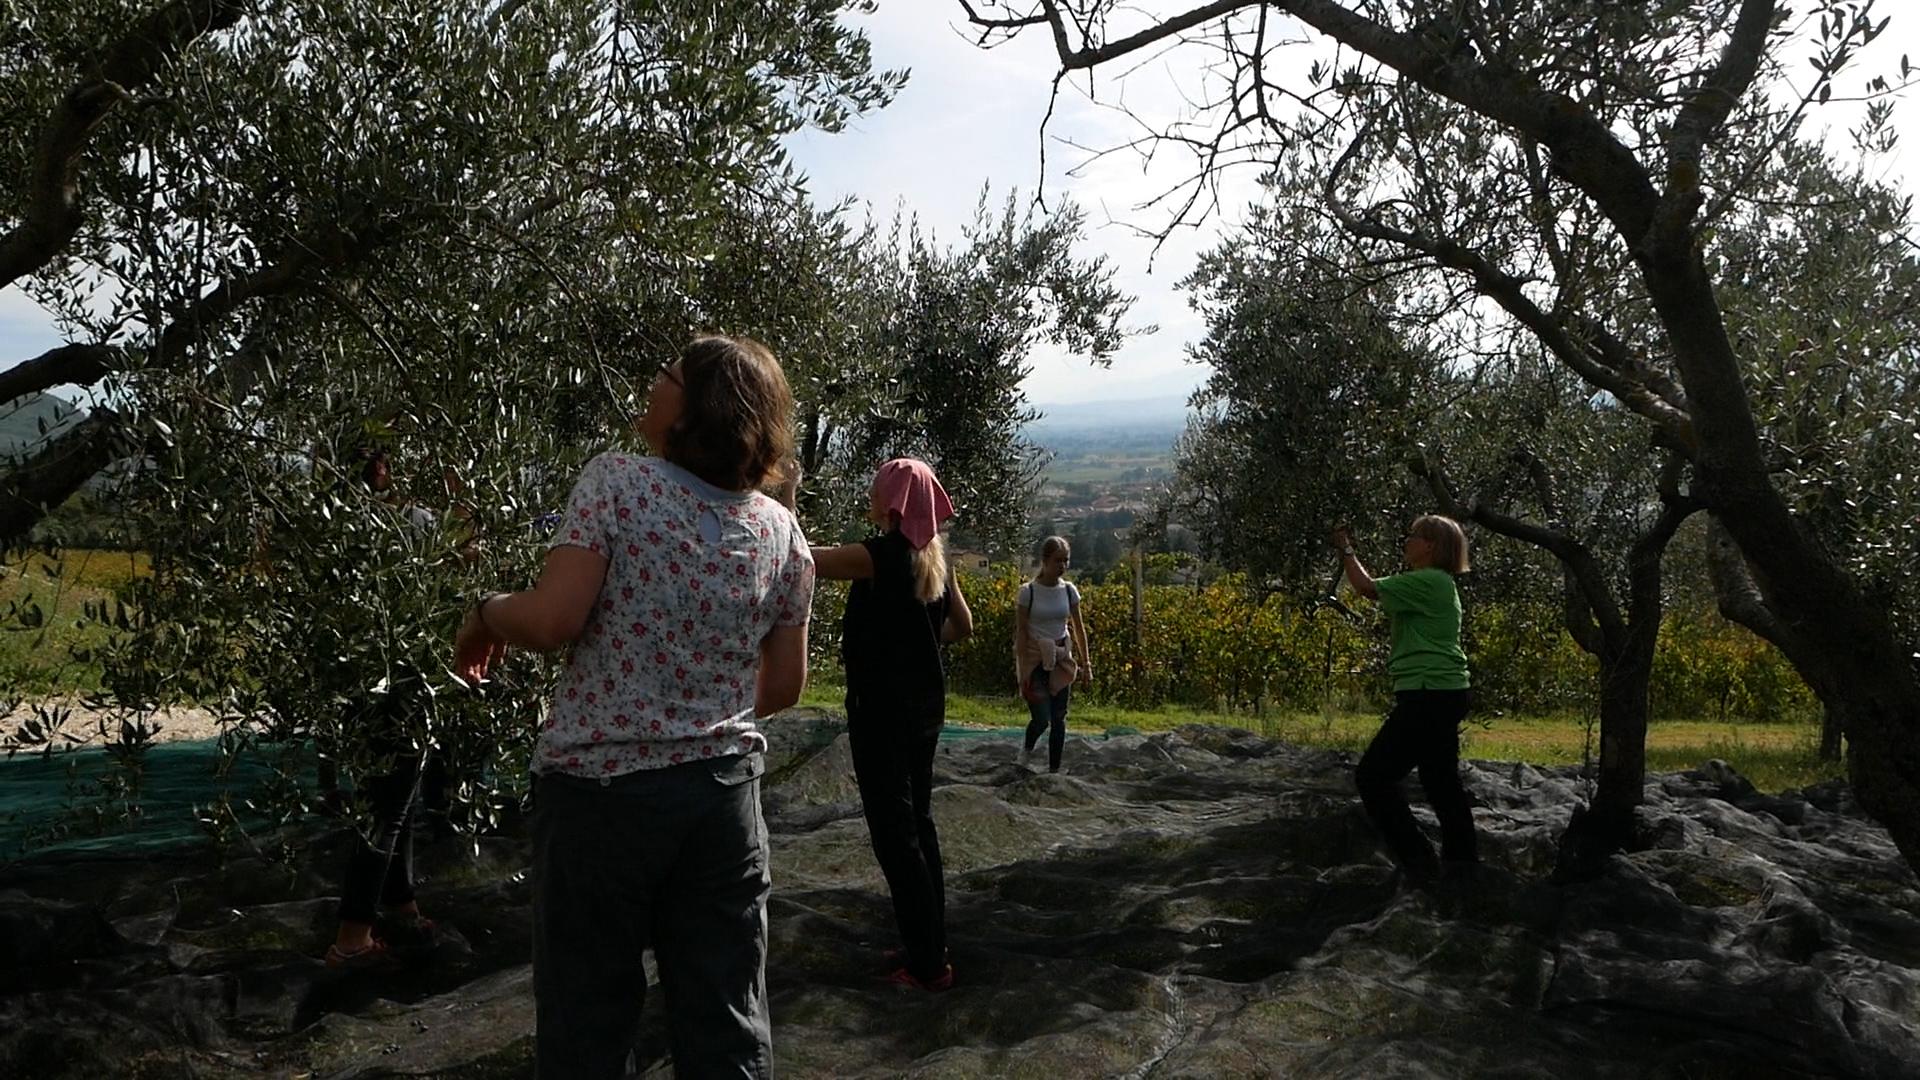 Esperienza sensoriale Assisi Tili Vini - Raccogliamo le olive insieme 5